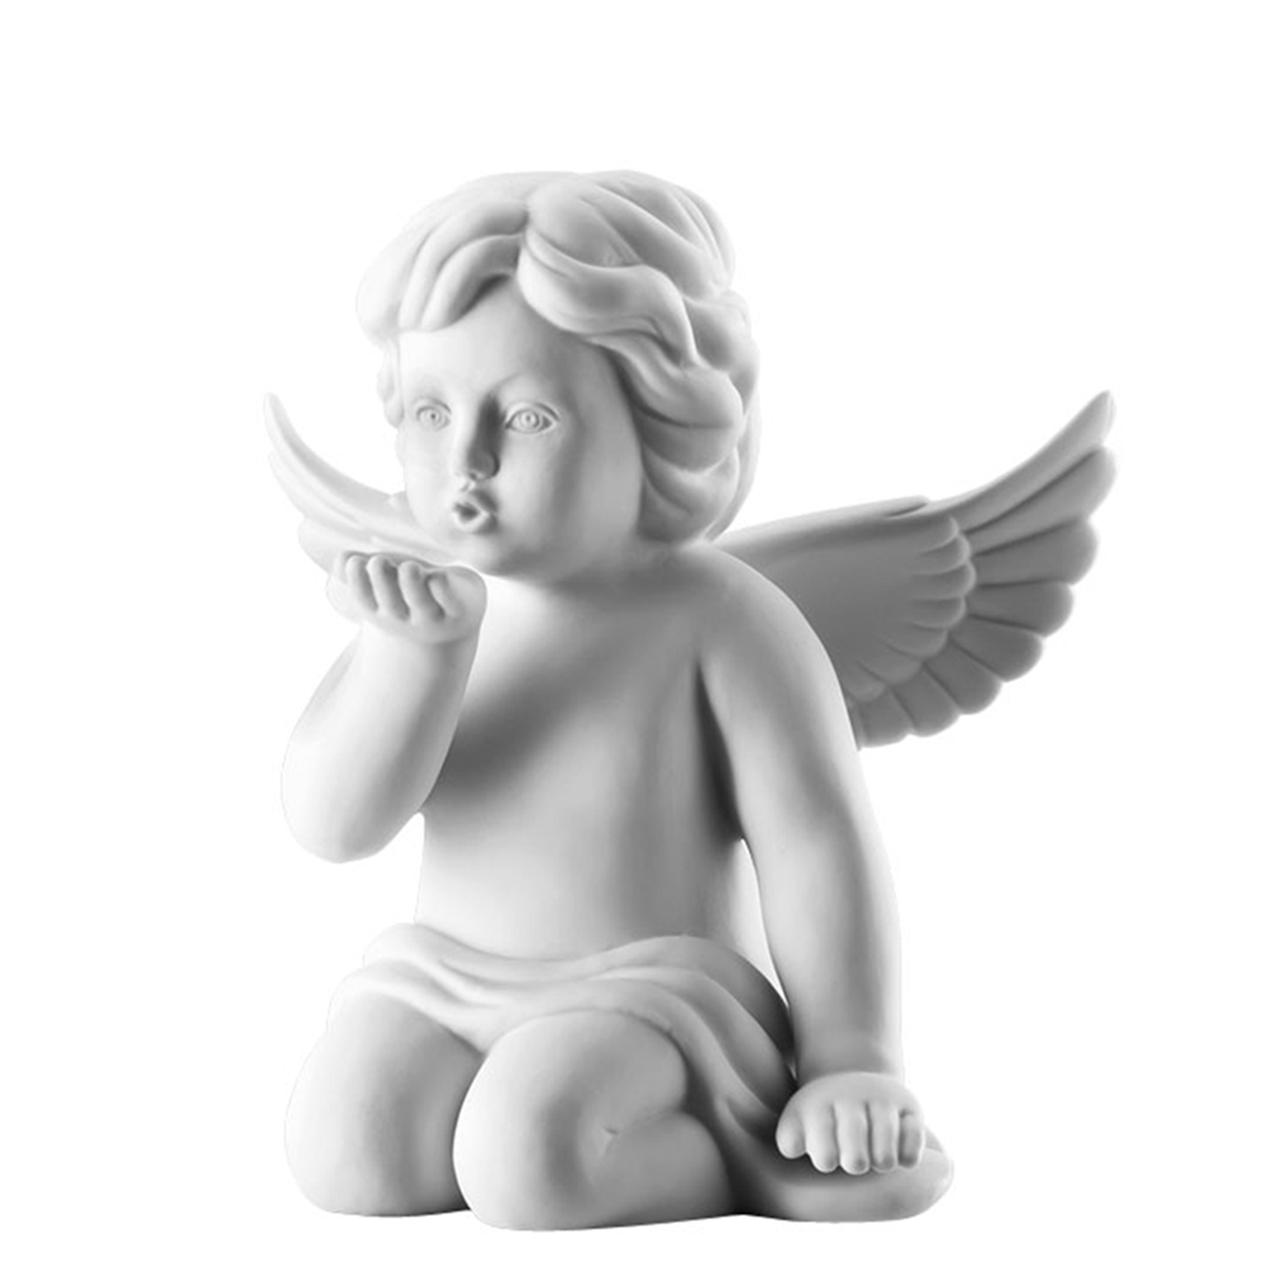 Engel Handkuss Engel groß Weiss matt Rosenthal